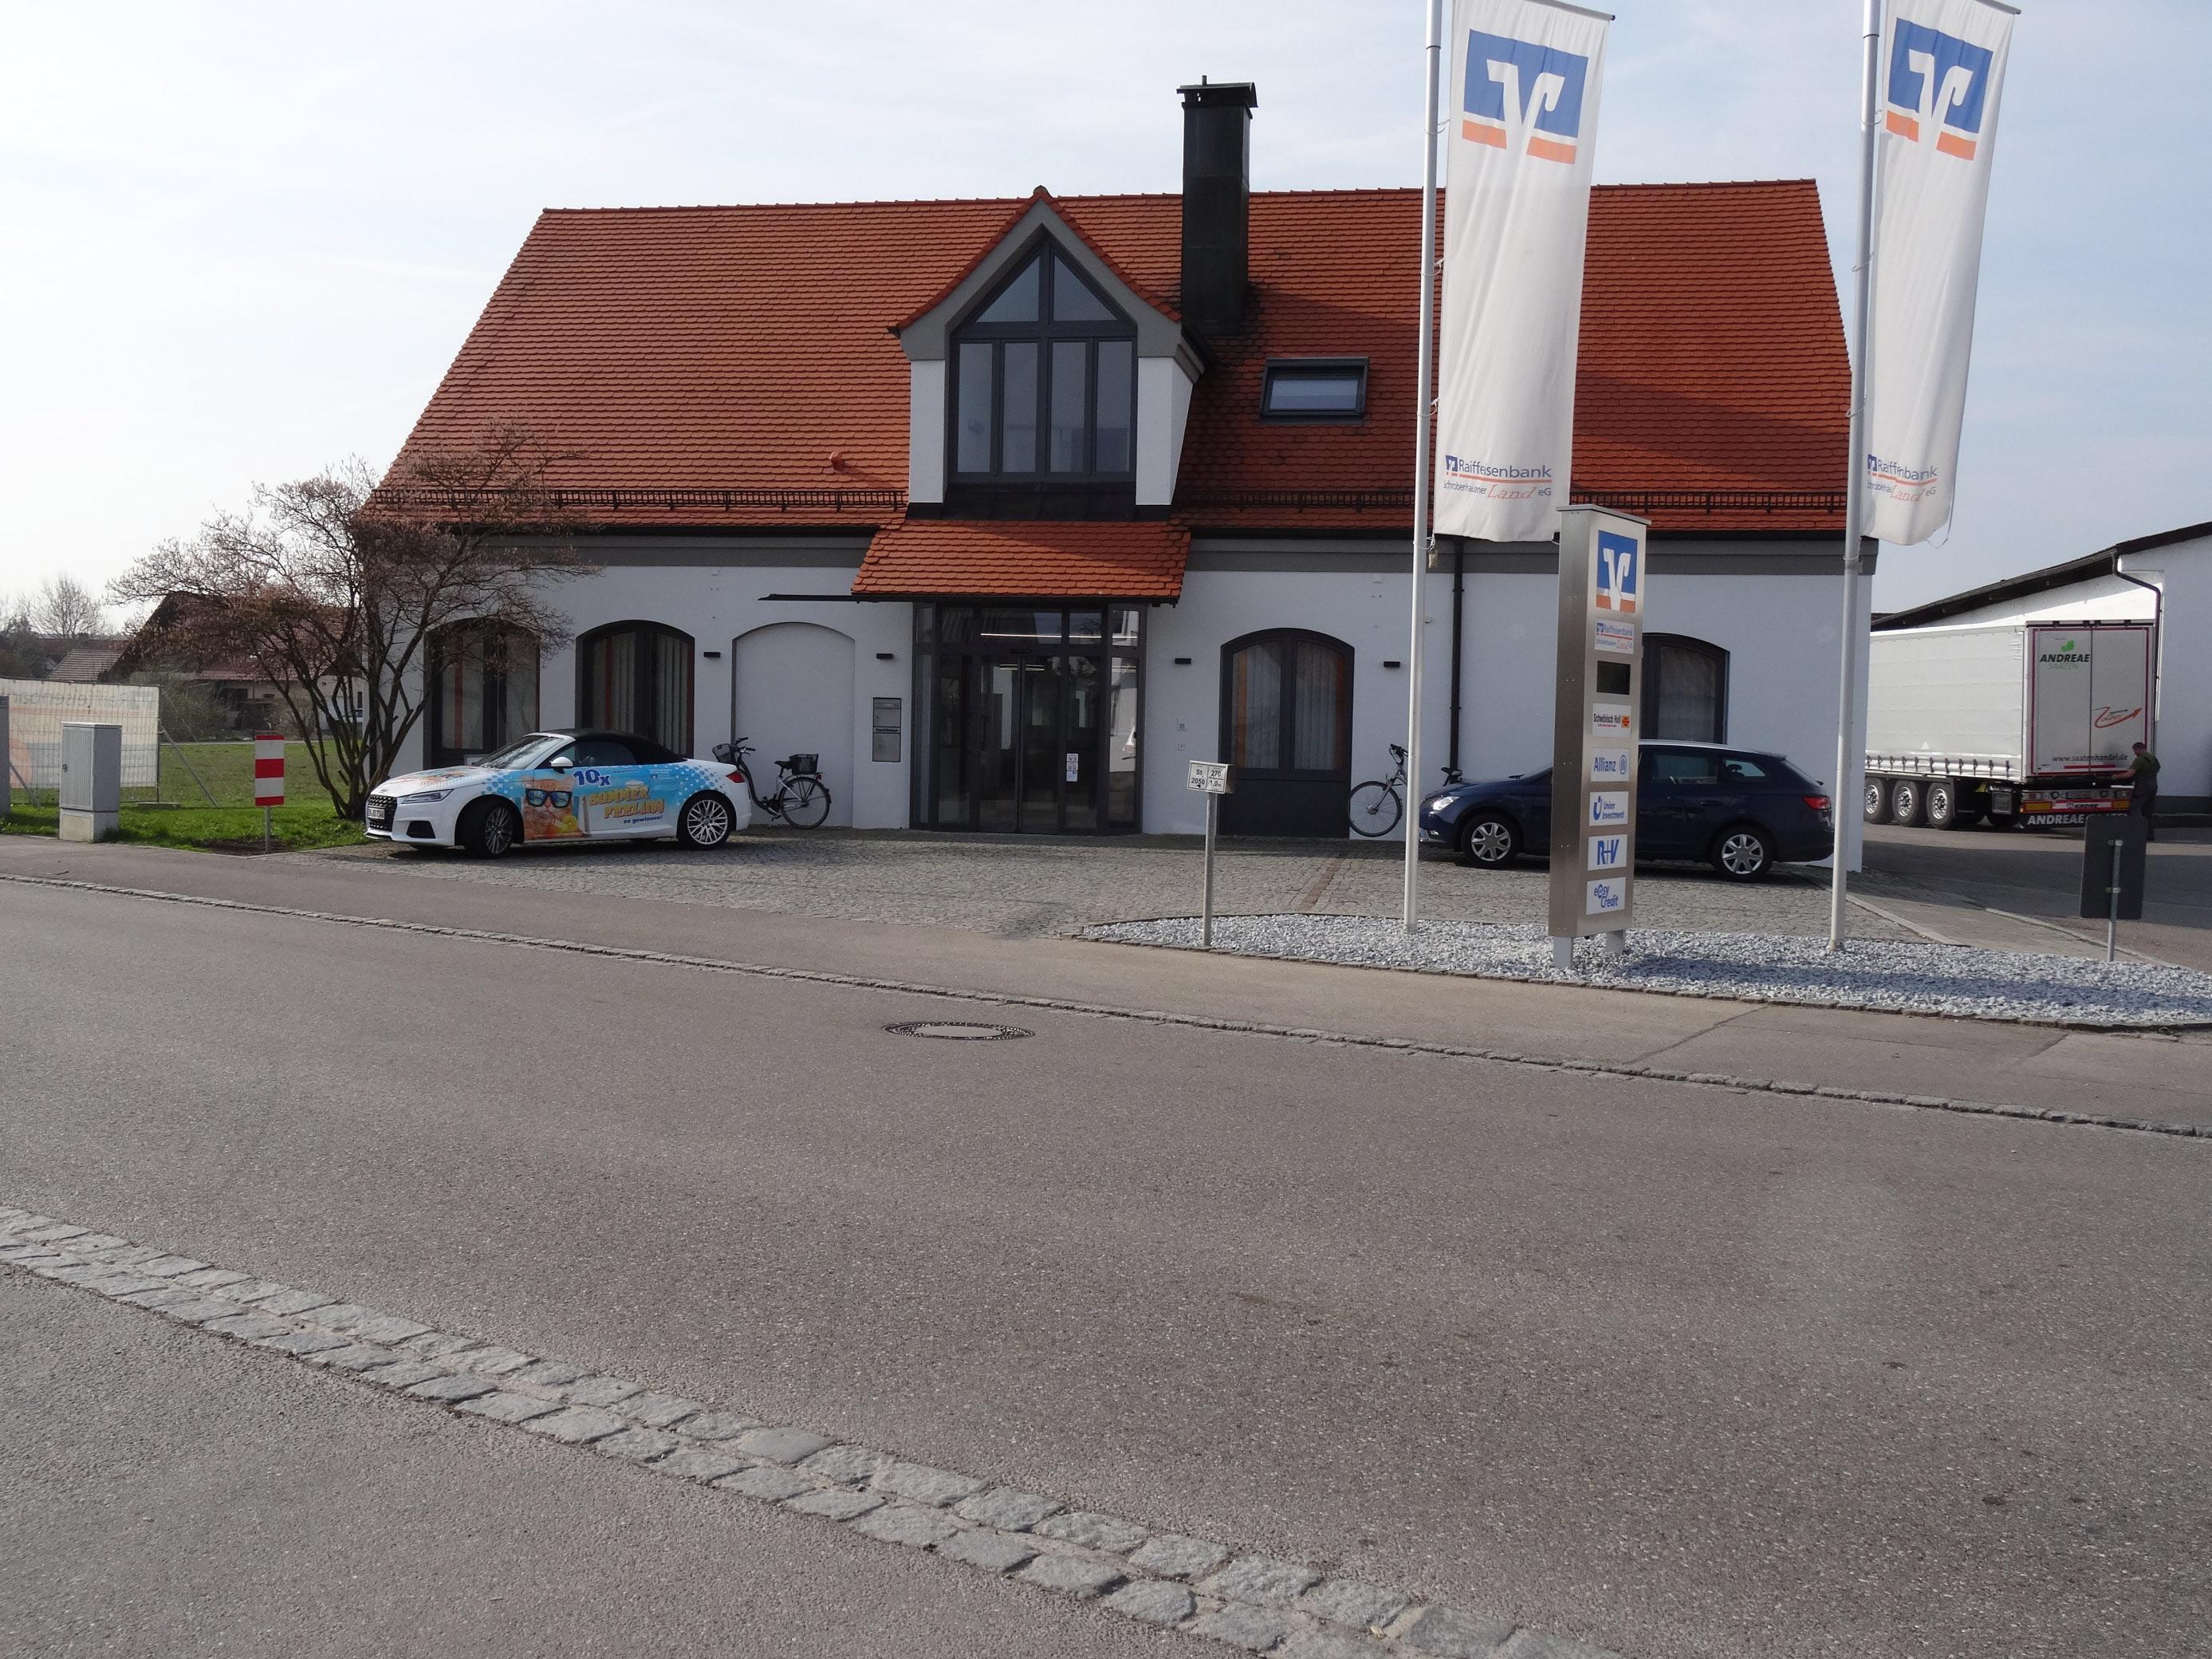 Für rund 750 000 Euro wurde das Hauptgebäude der Raiffeisenbank Schrobenhausener Land in Langenmosen grundlegend saniert. Fotos: enf